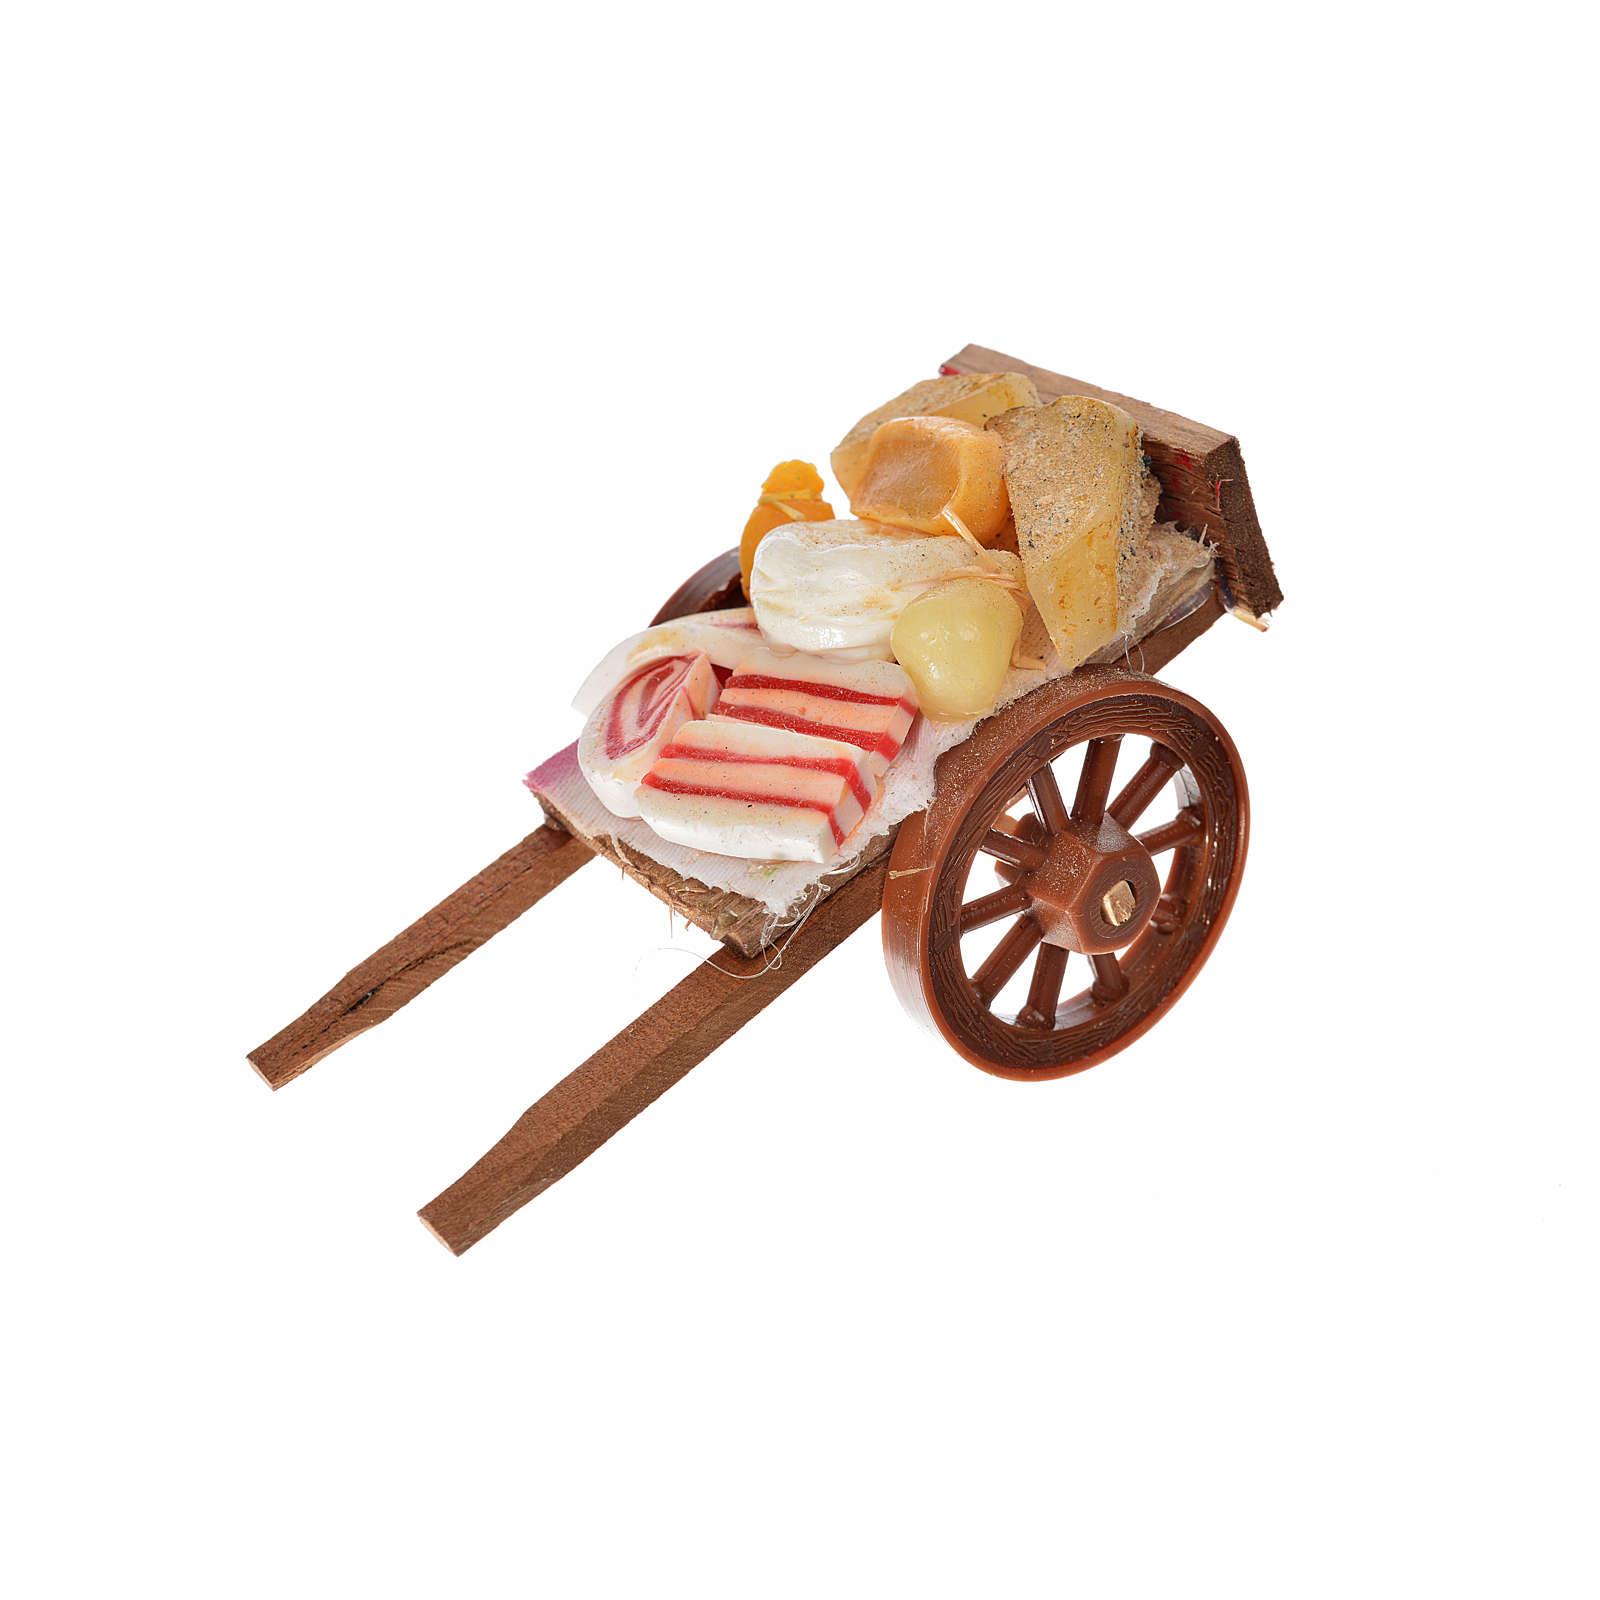 Carretto napoletano salumi formaggi cera 5x9x5 cm 4